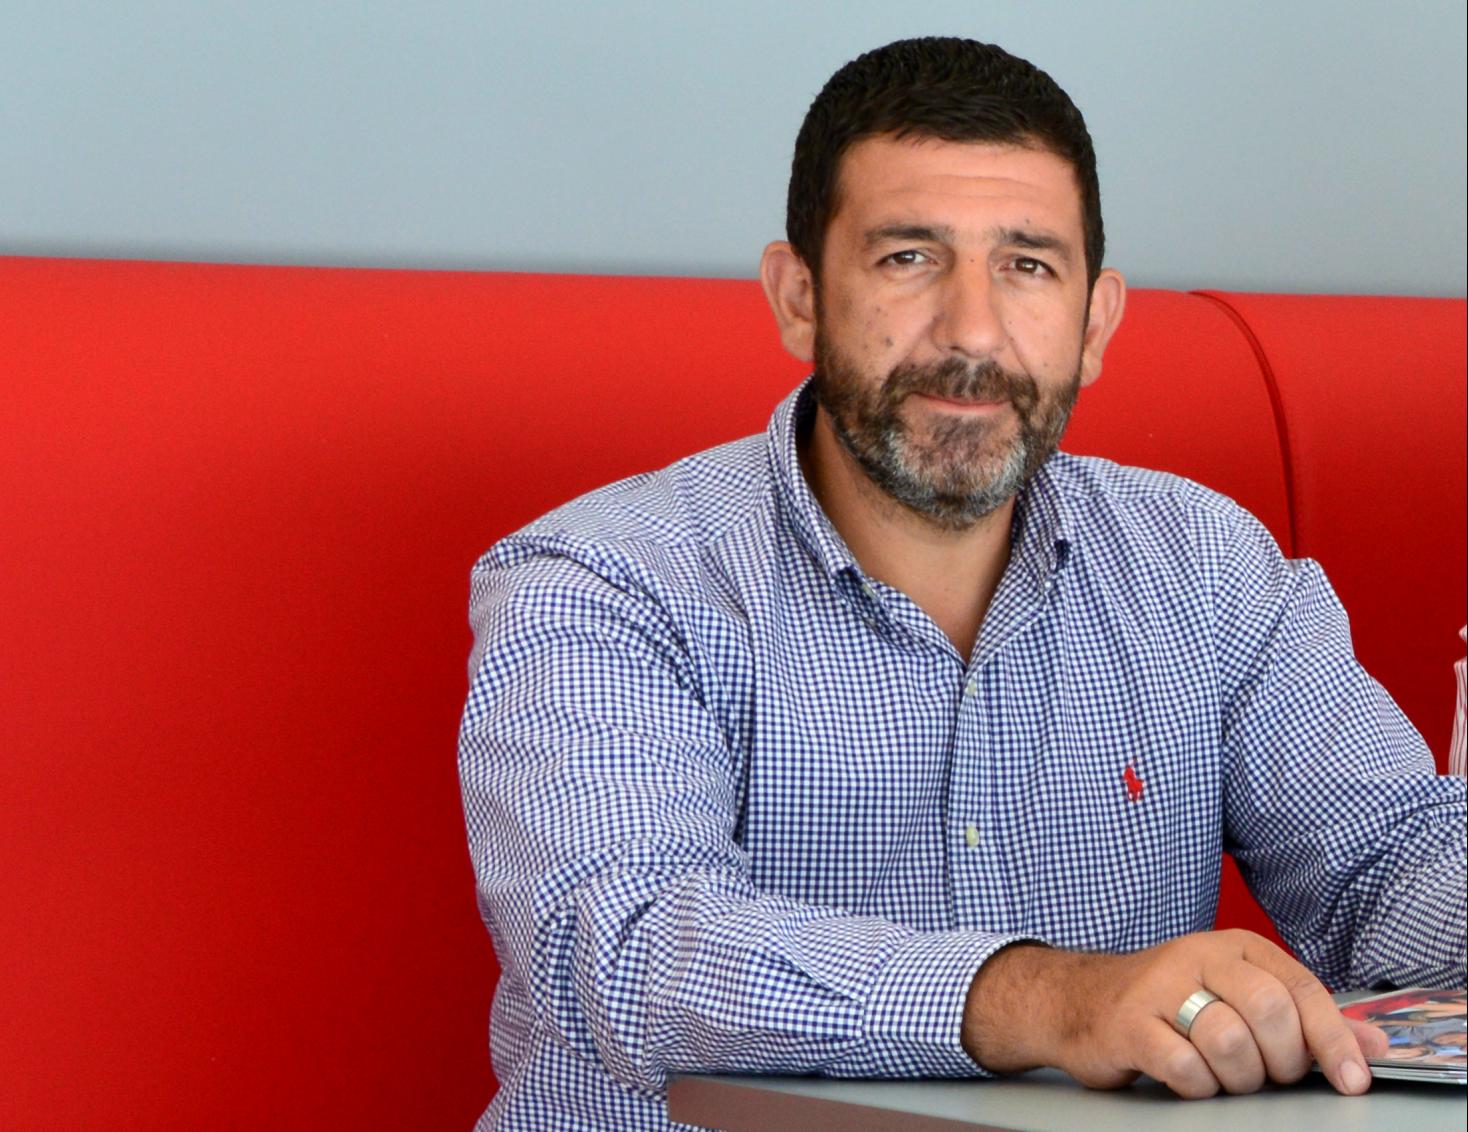 O Πρόεδρος του Συλλόγου Ασφαλιστών Ρεθύμνου, Κωνσταντίνος Ροδινός στα γραφεία της Interamerican στο Ρέθυμνο